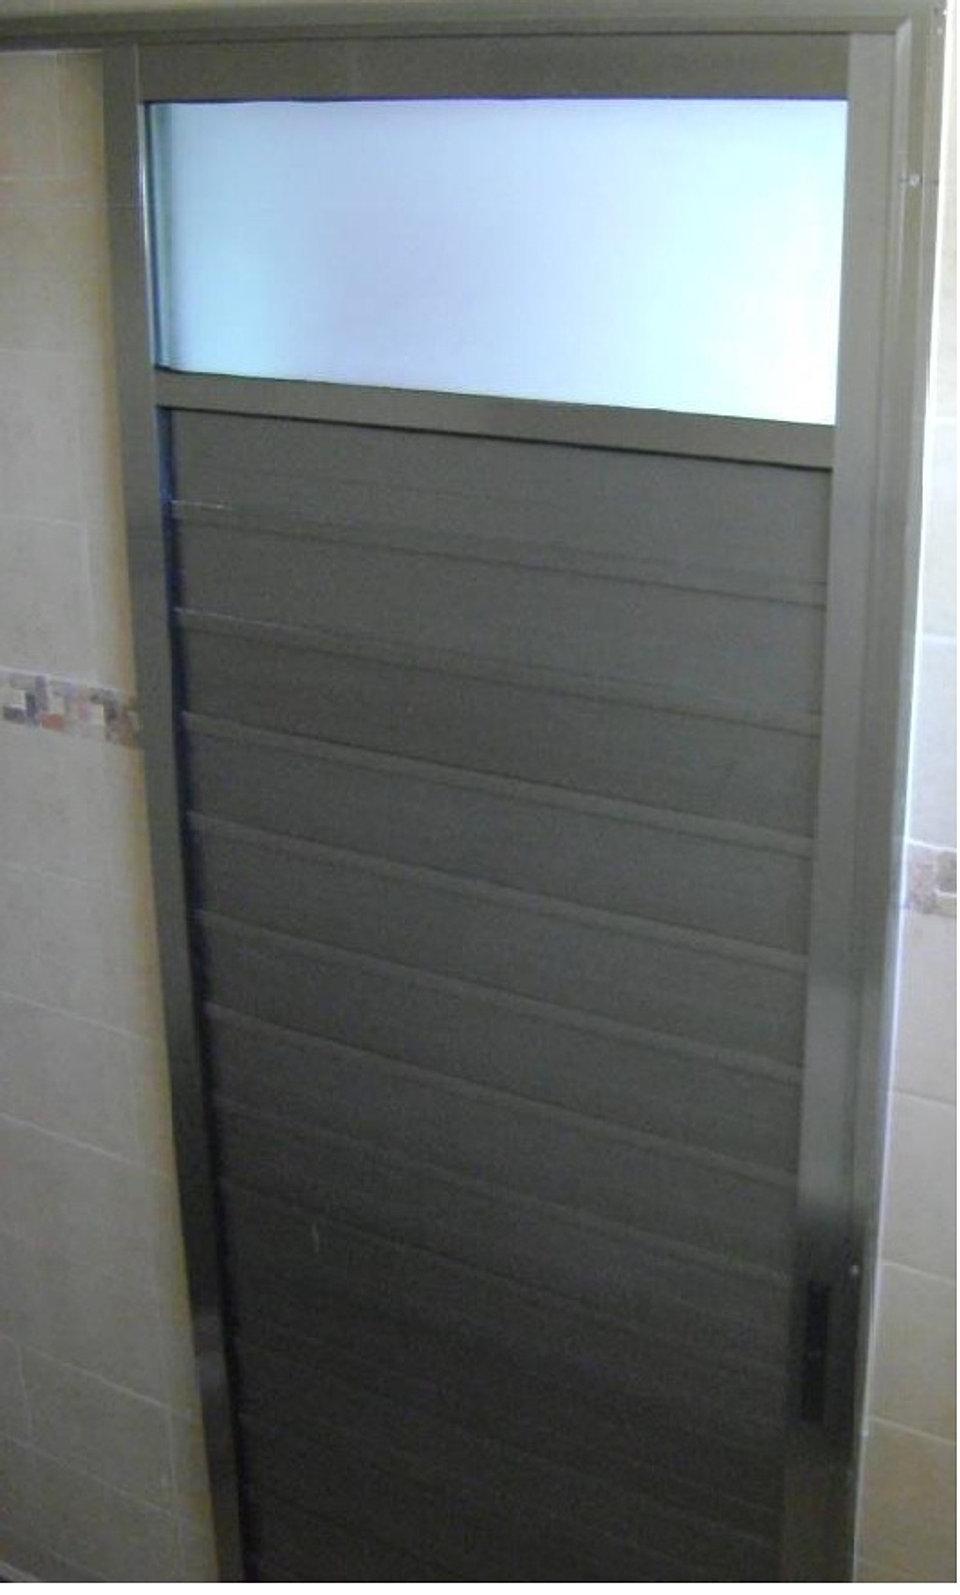 vidrio,aluminio,cristales | galeria de fotos de trabajos realizados - Laminas De Aluminio Para Puertas De Bano